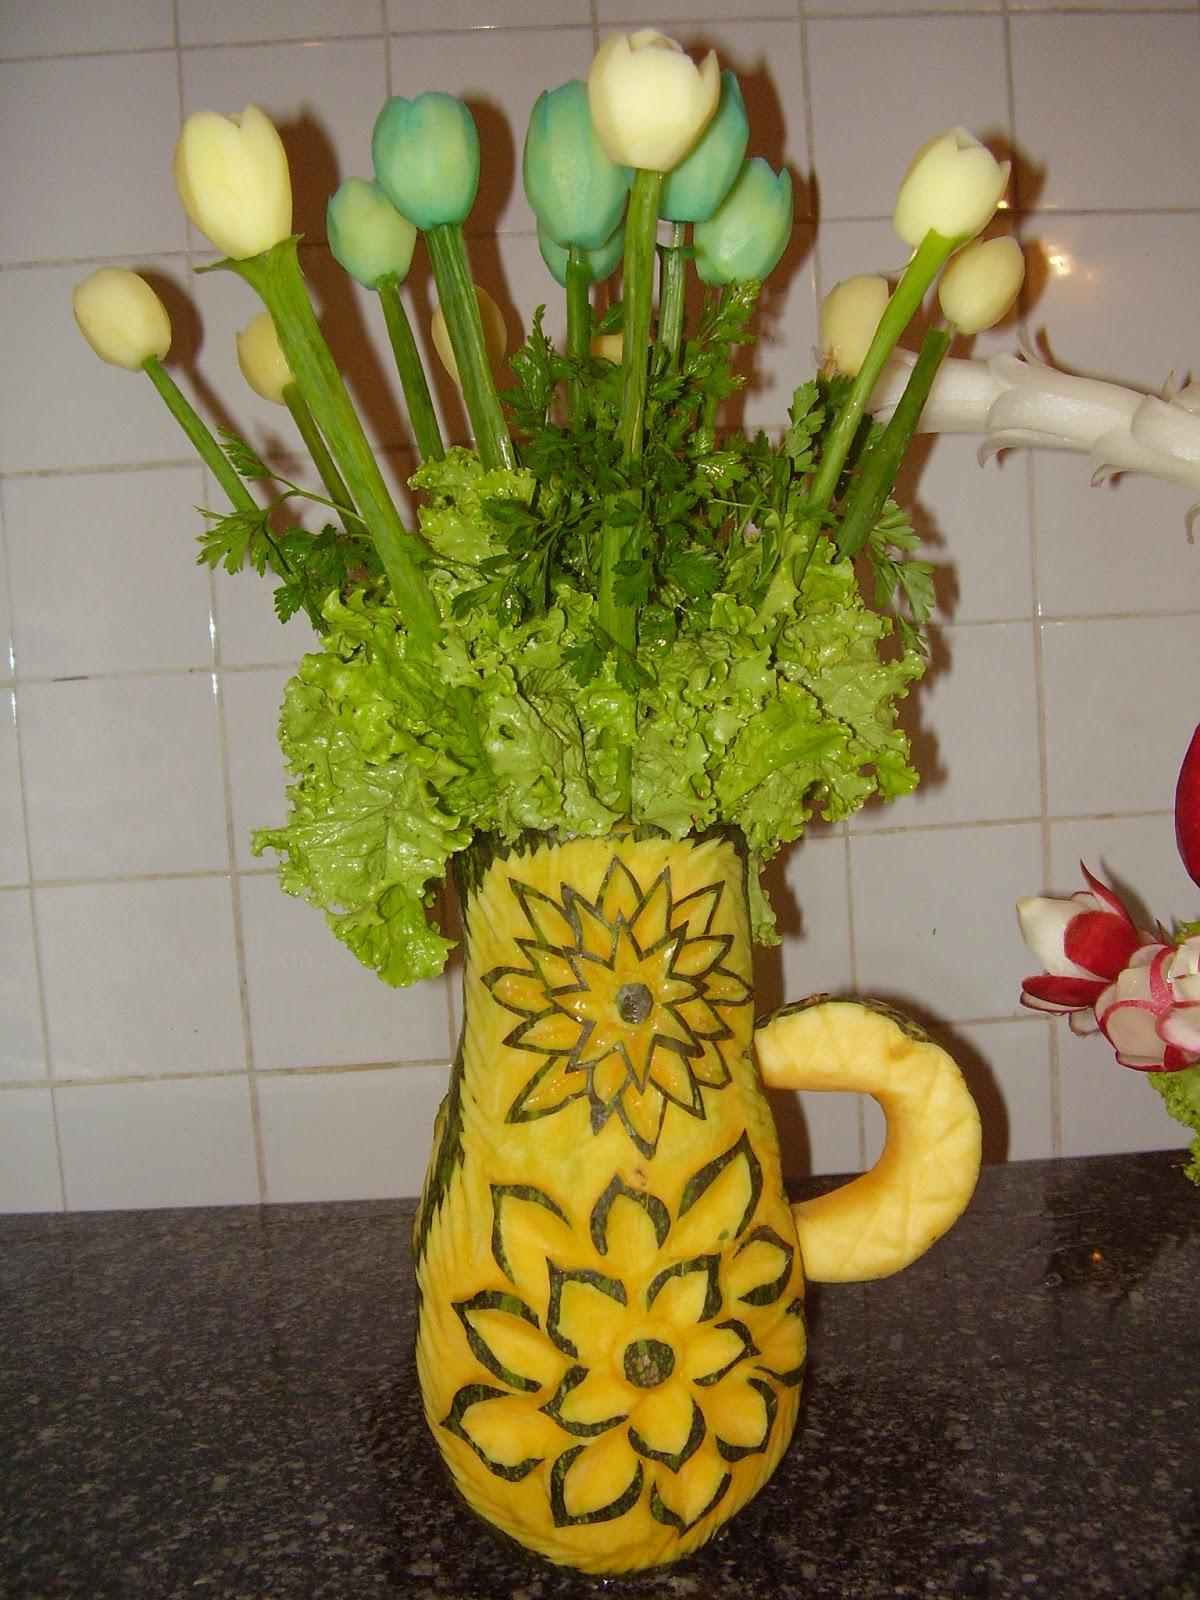 Historia del tallado decoraciones en frutas - Cuchillos para decorar fruta ...